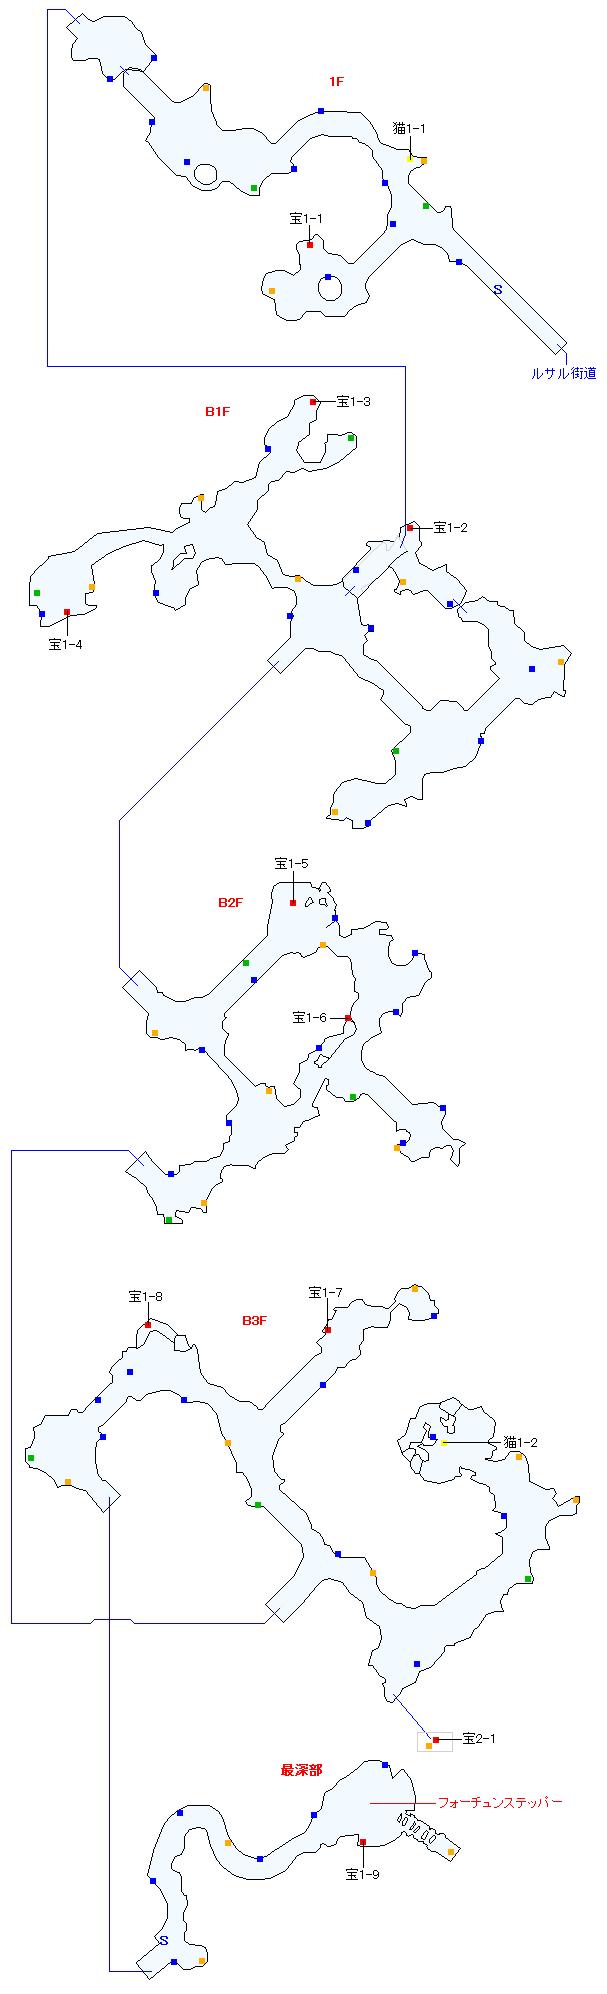 タタール冥穴(正史世界)マップ画像